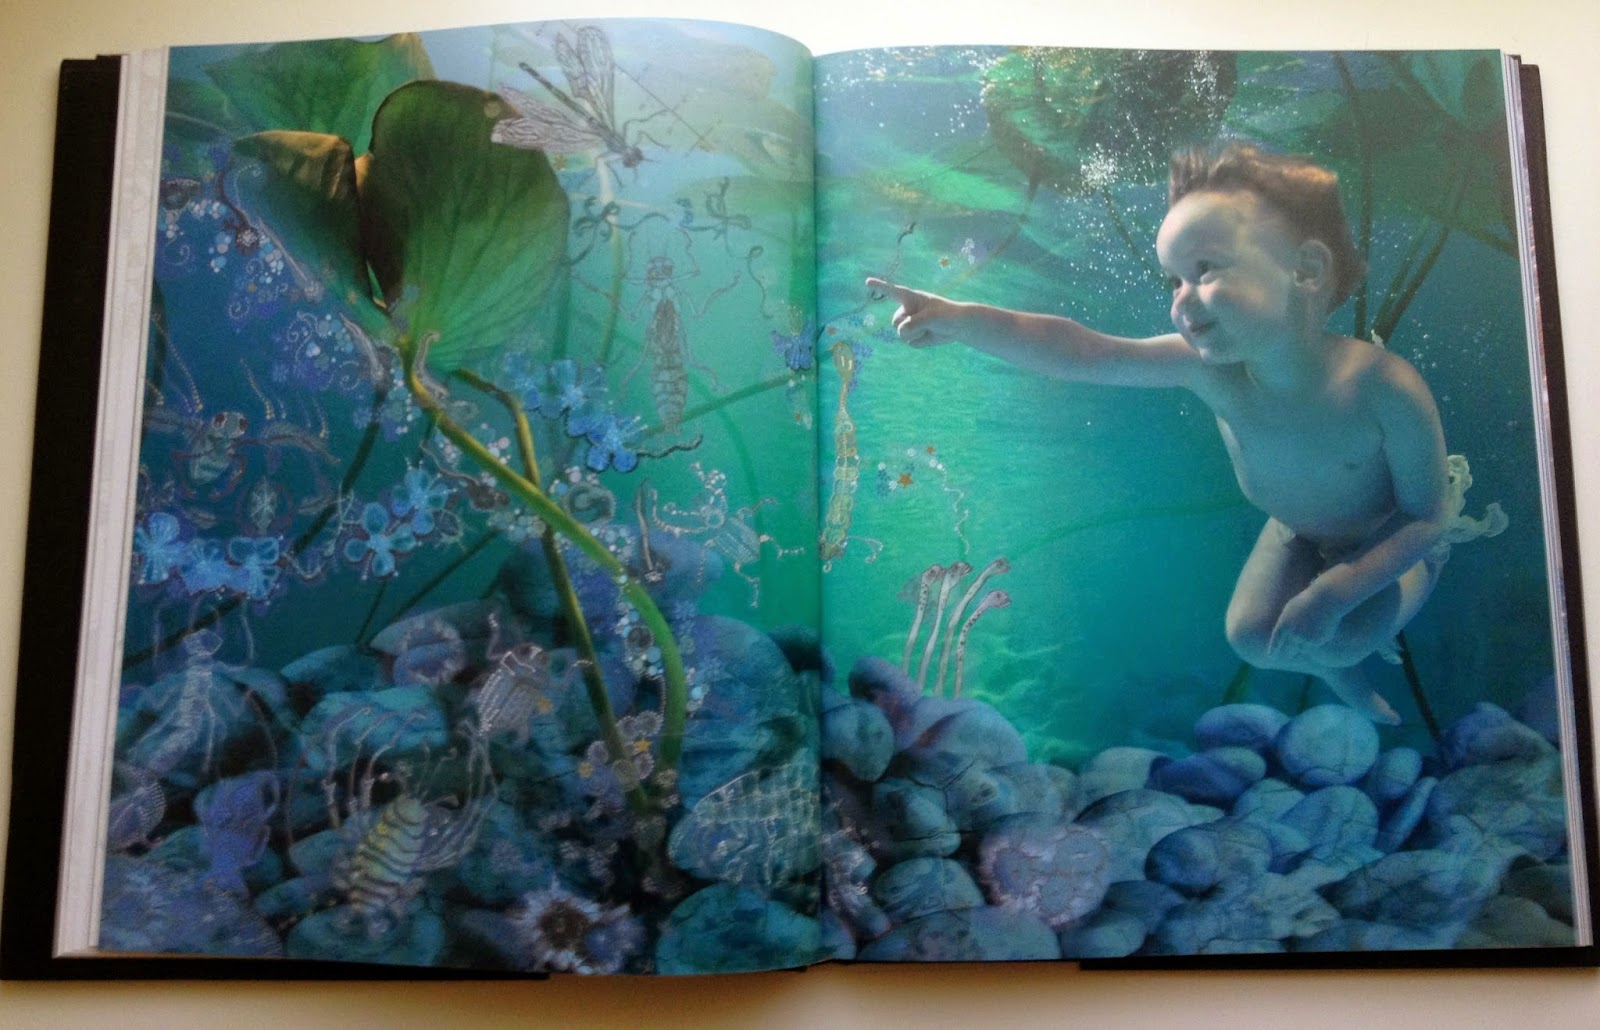 Asturias con niños a dónde vamo hoy? a leer Los niños del Agua